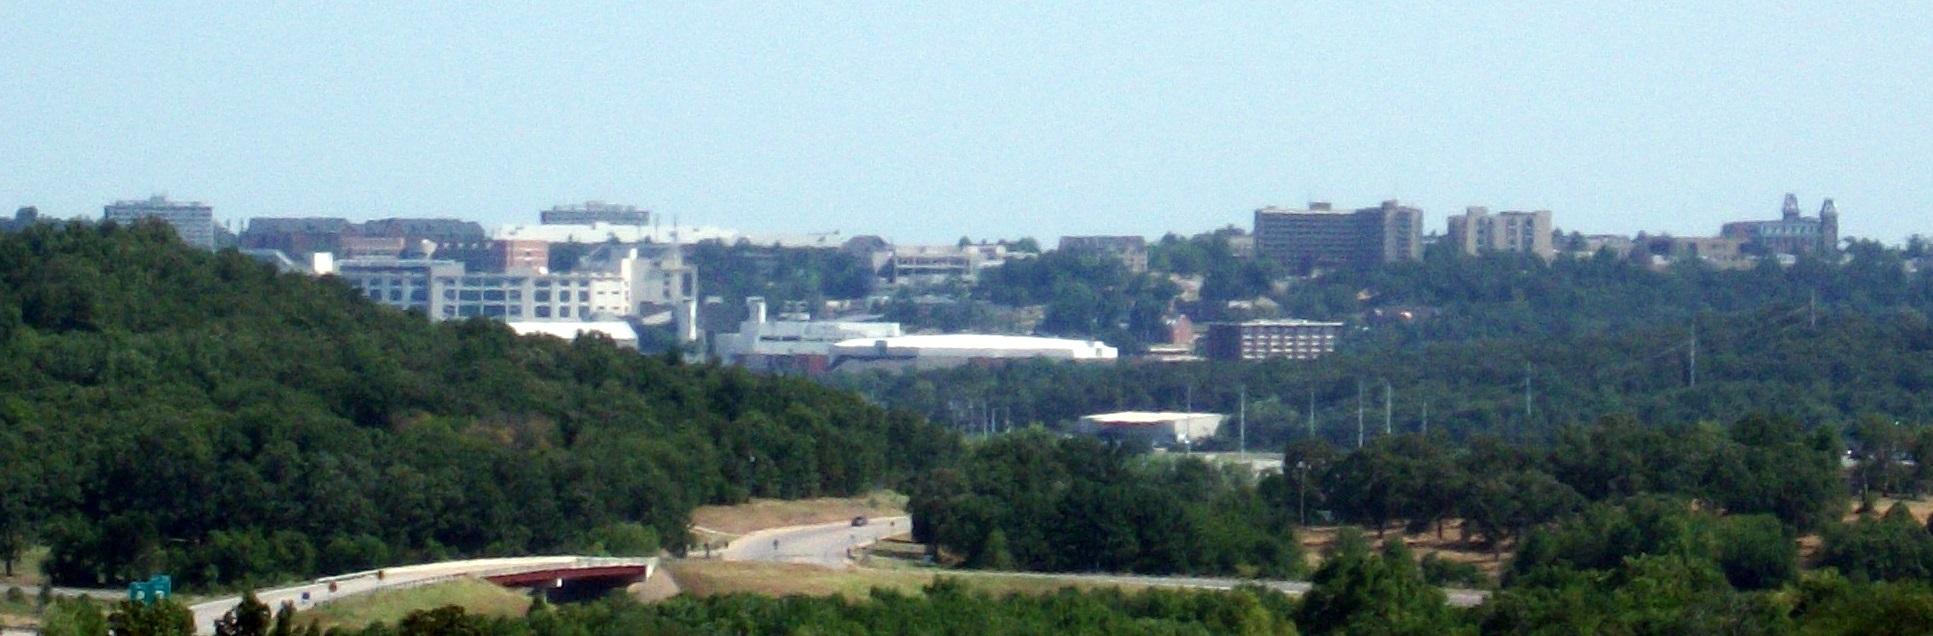 Fayetteville,_Arkansas_skyline_featuring_University_of_Arkansas